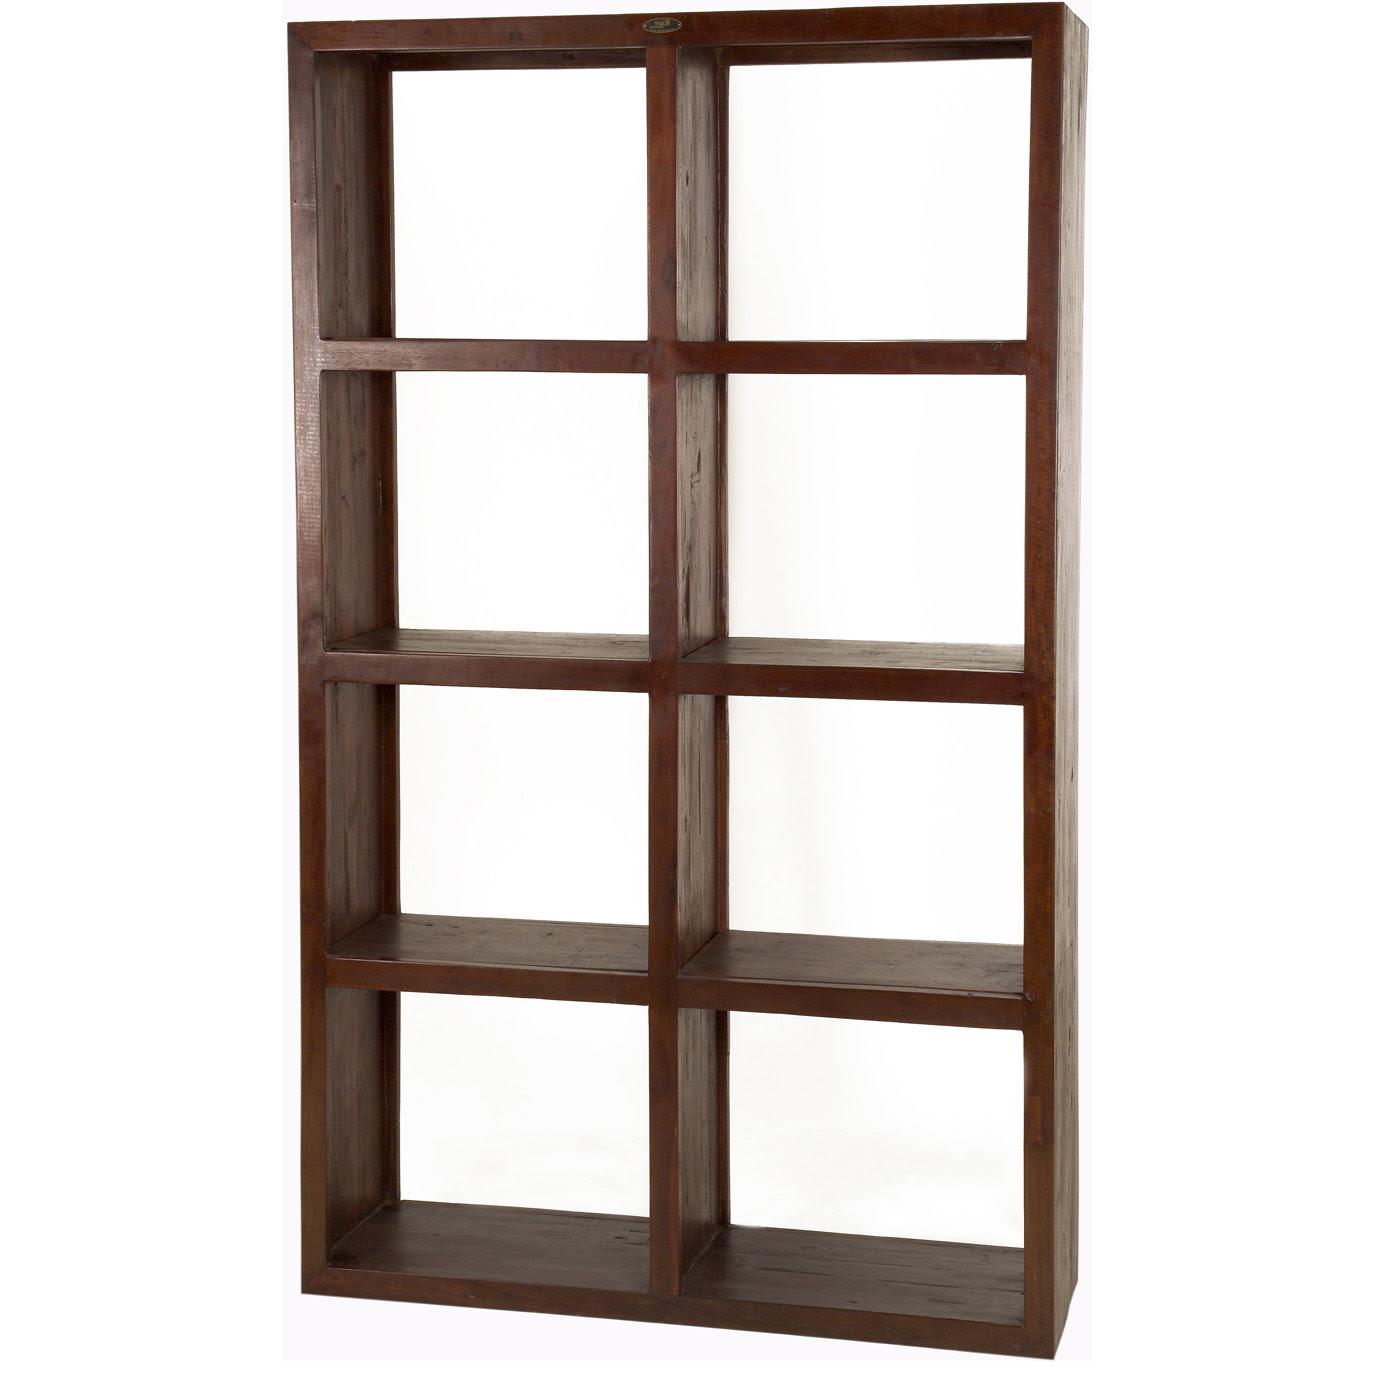 Cvfurniturejepara.wordpress.com/furniture-rumah-minimalis/furniture